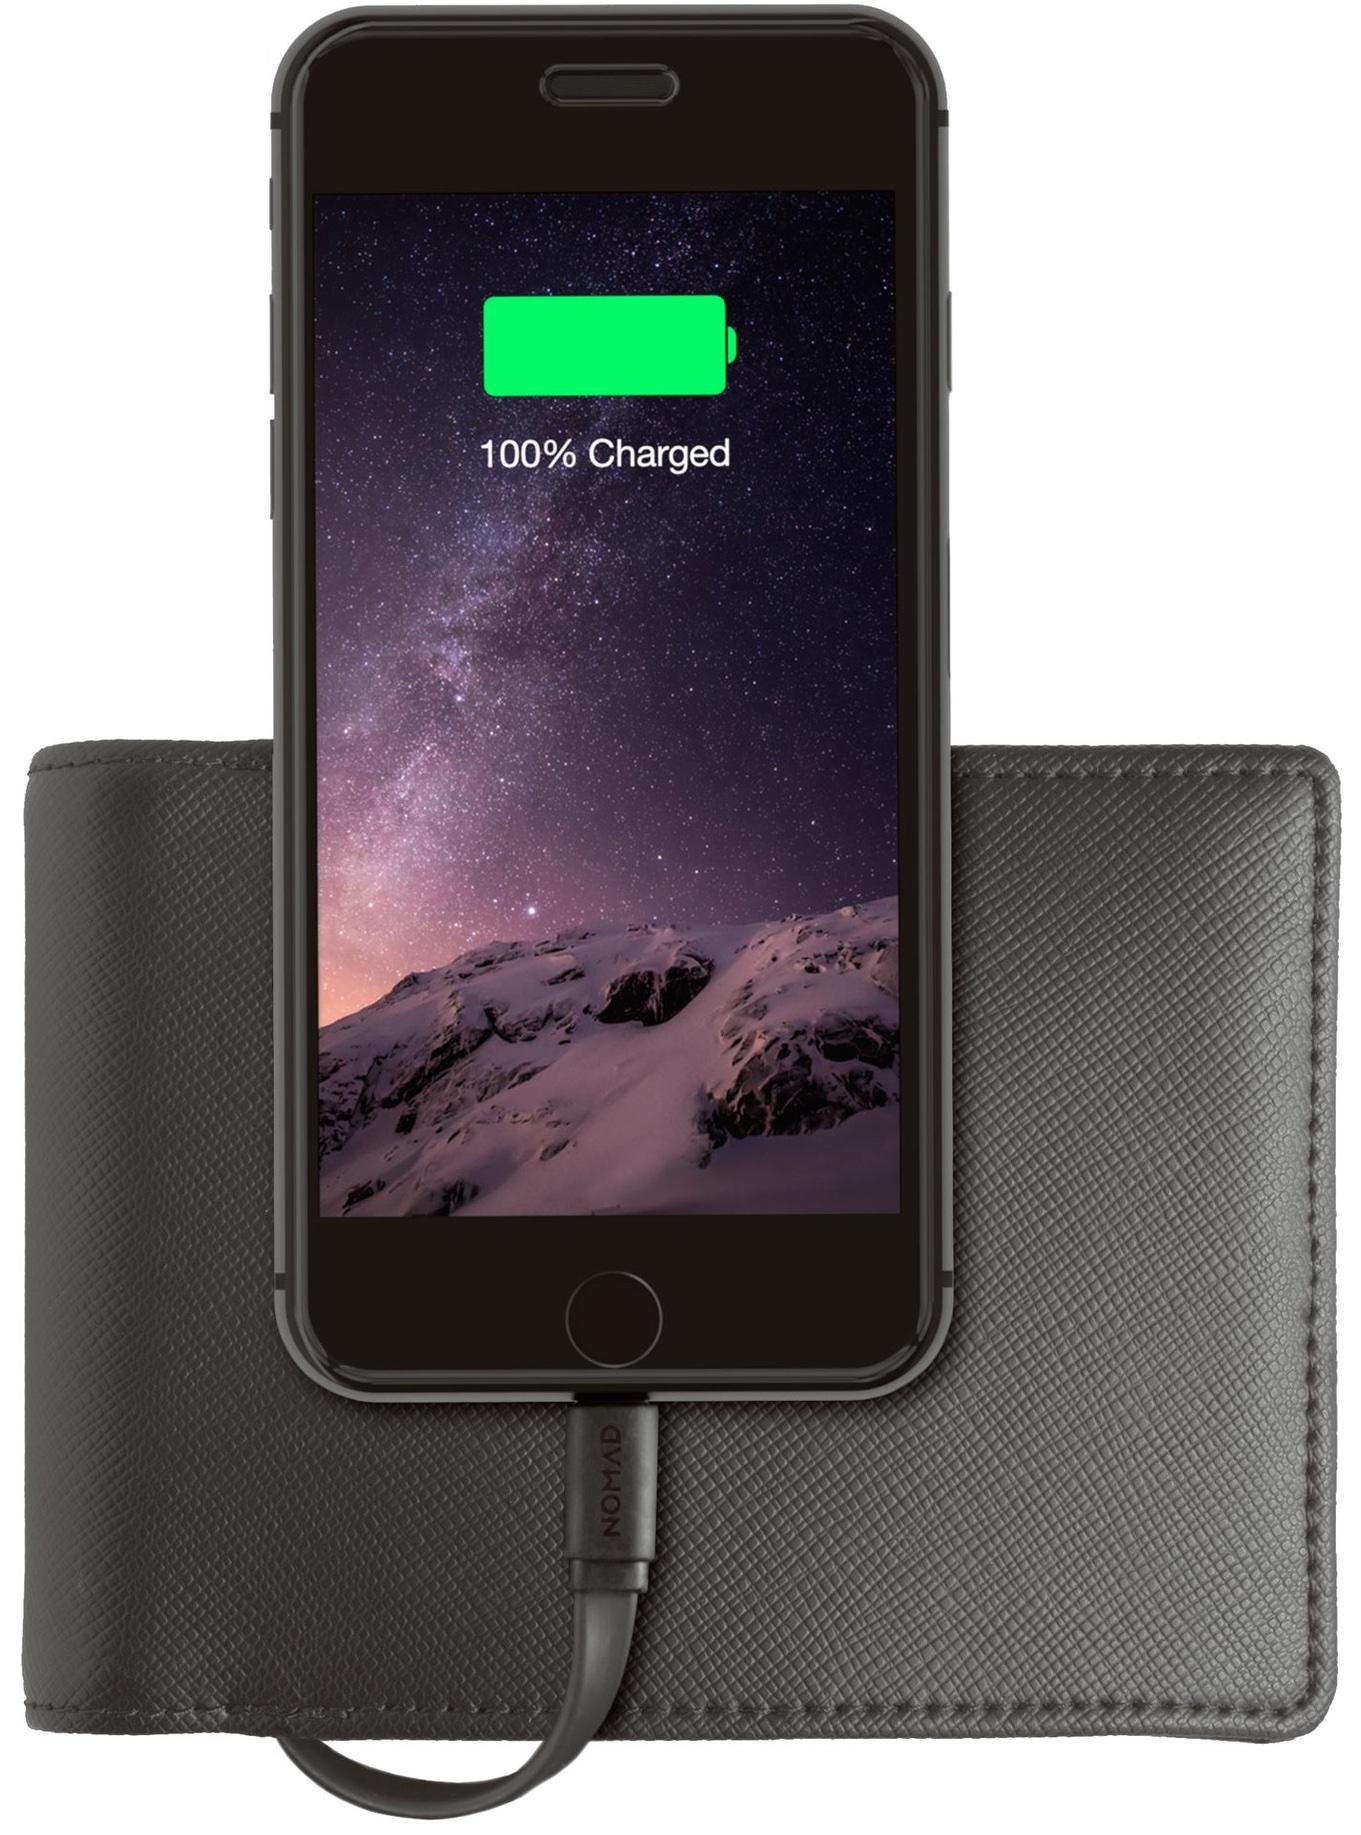 Nomad Wallet image 003